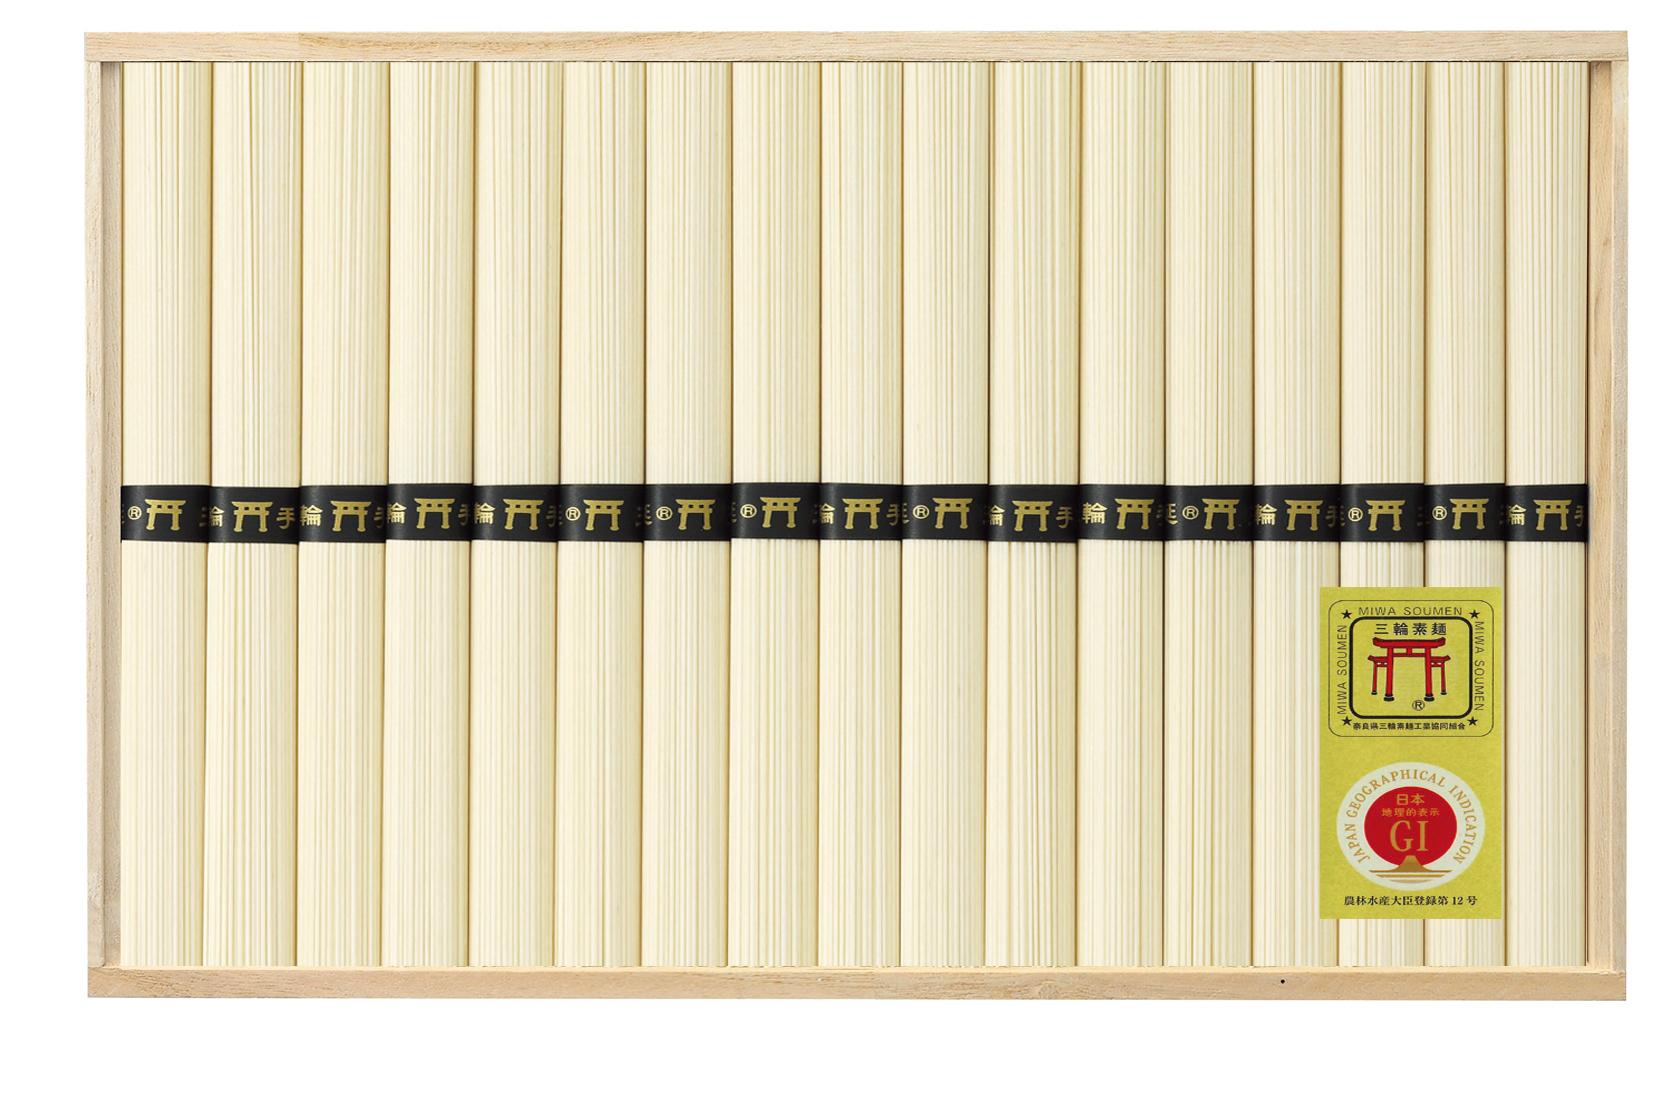 【奈良県】三輪素麺(鳥居帯)蔵熟二年物 1.7kg(50g×34束)